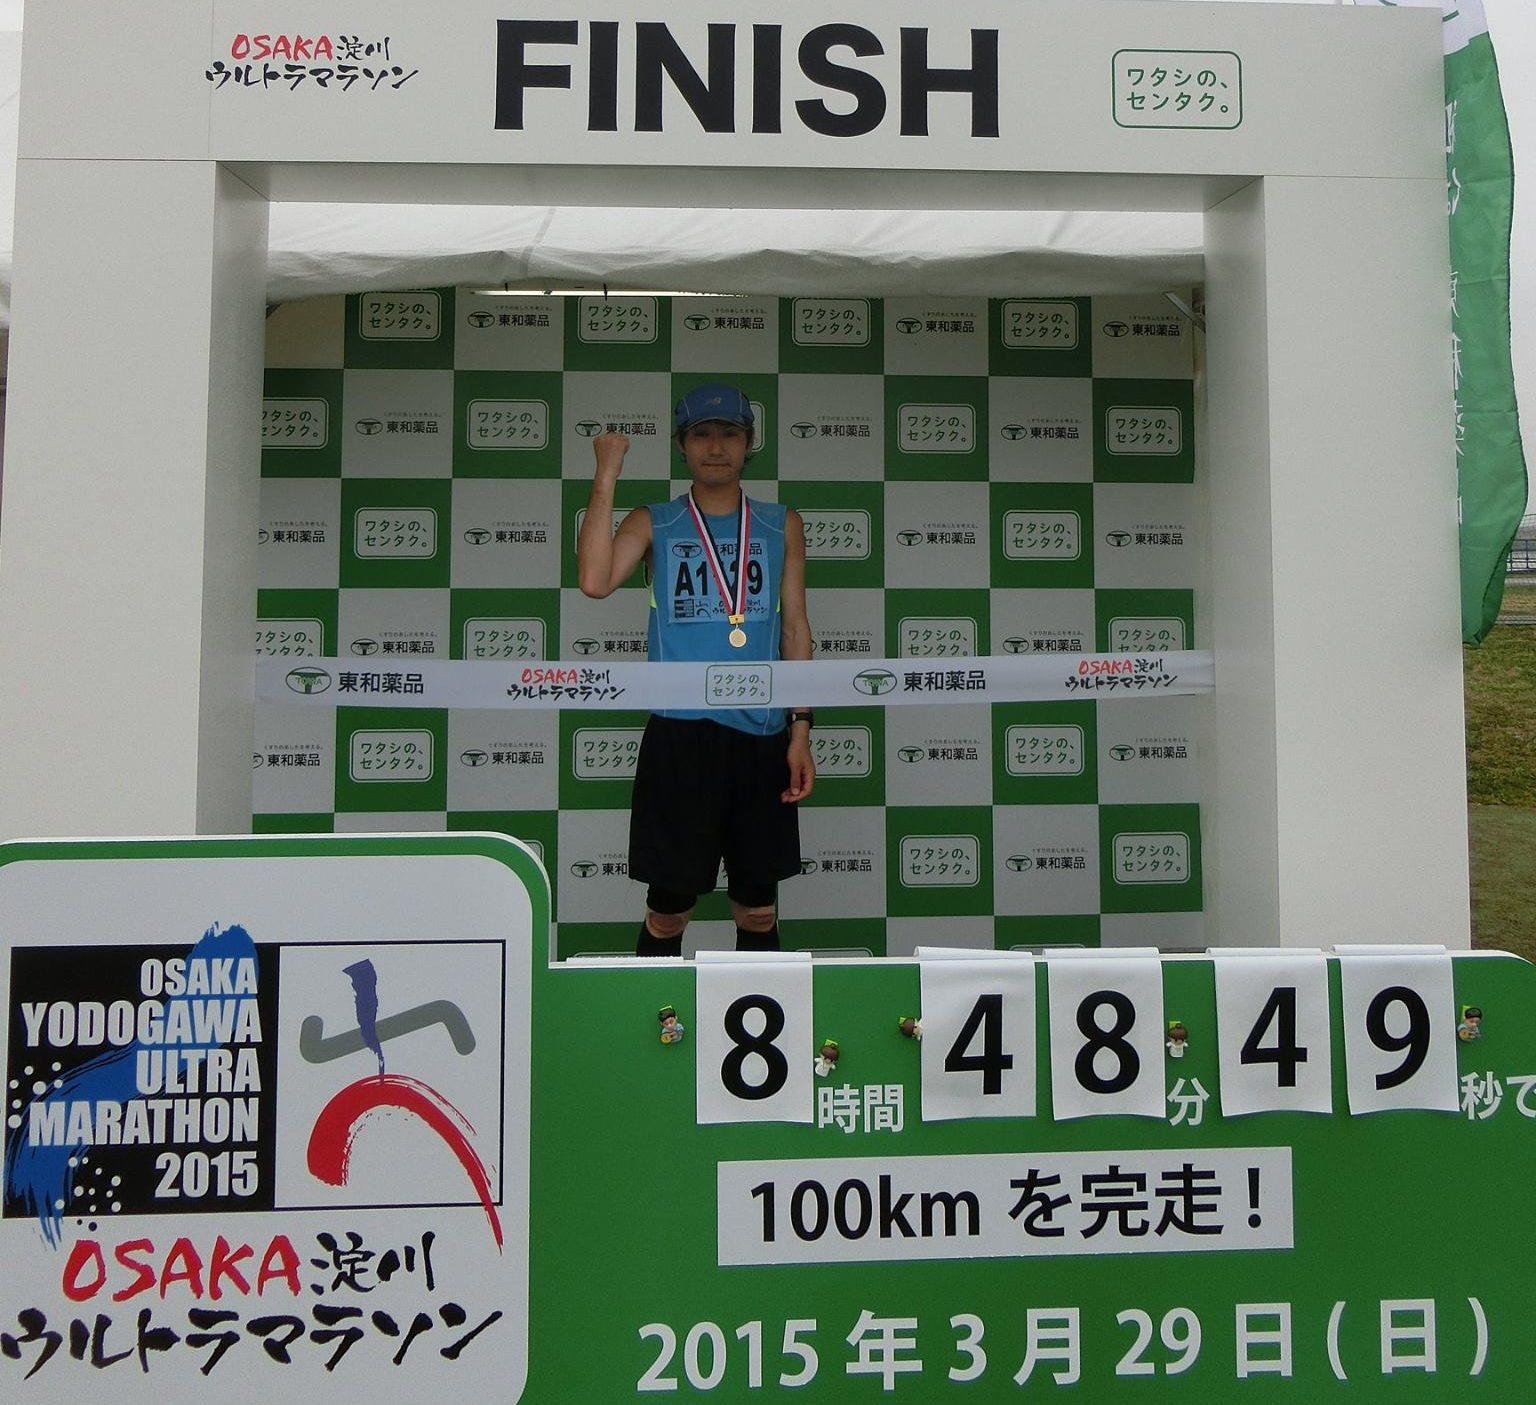 OSAKA淀川ウルトラマラソン完走記2015 ~伝説のサブ9~